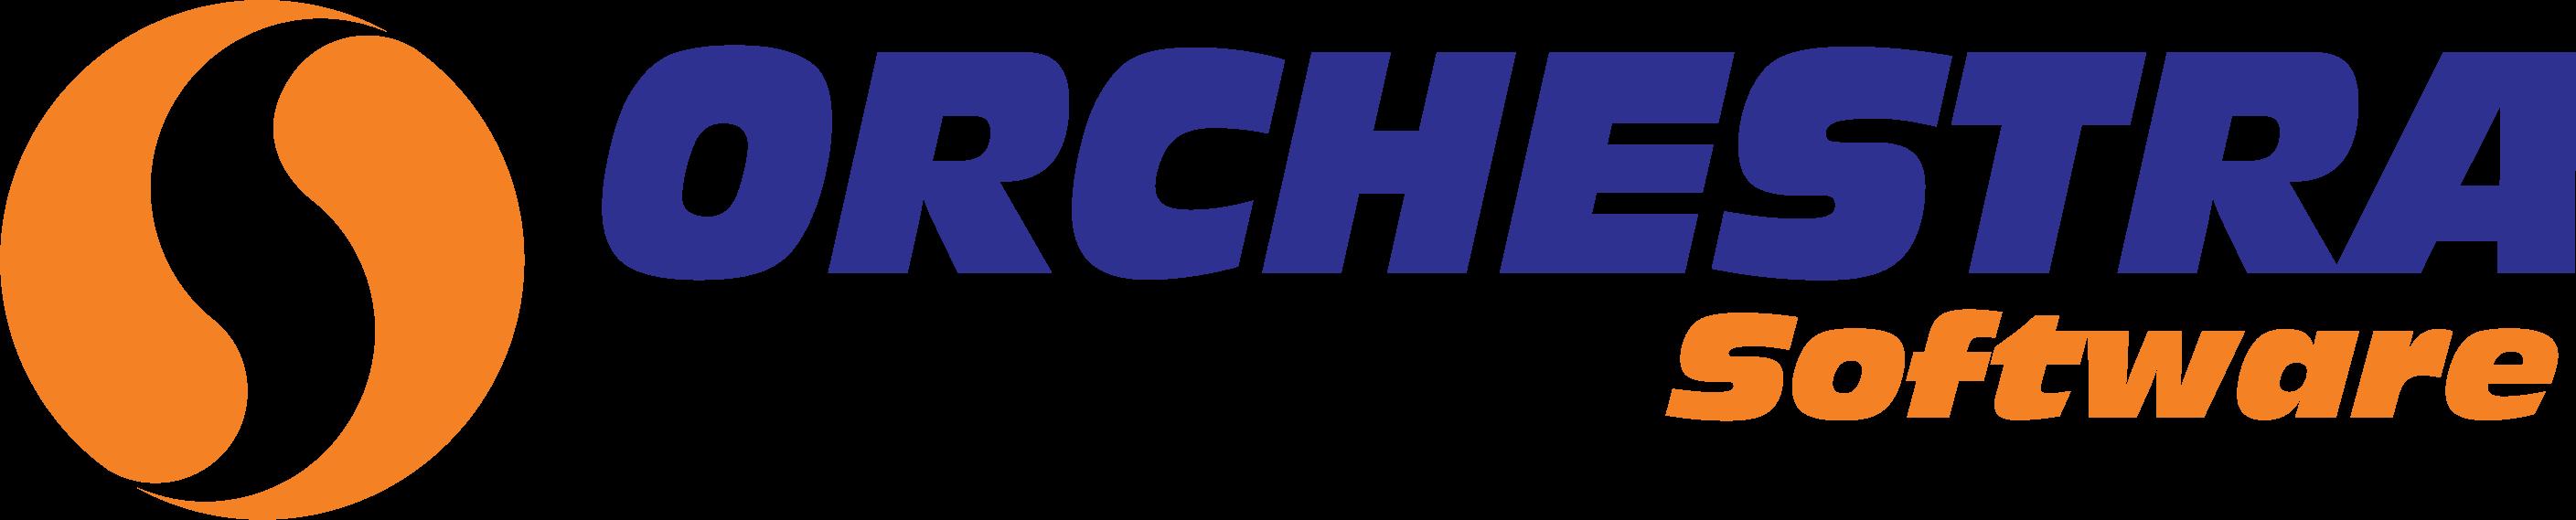 Logo de la société Orchestr Software